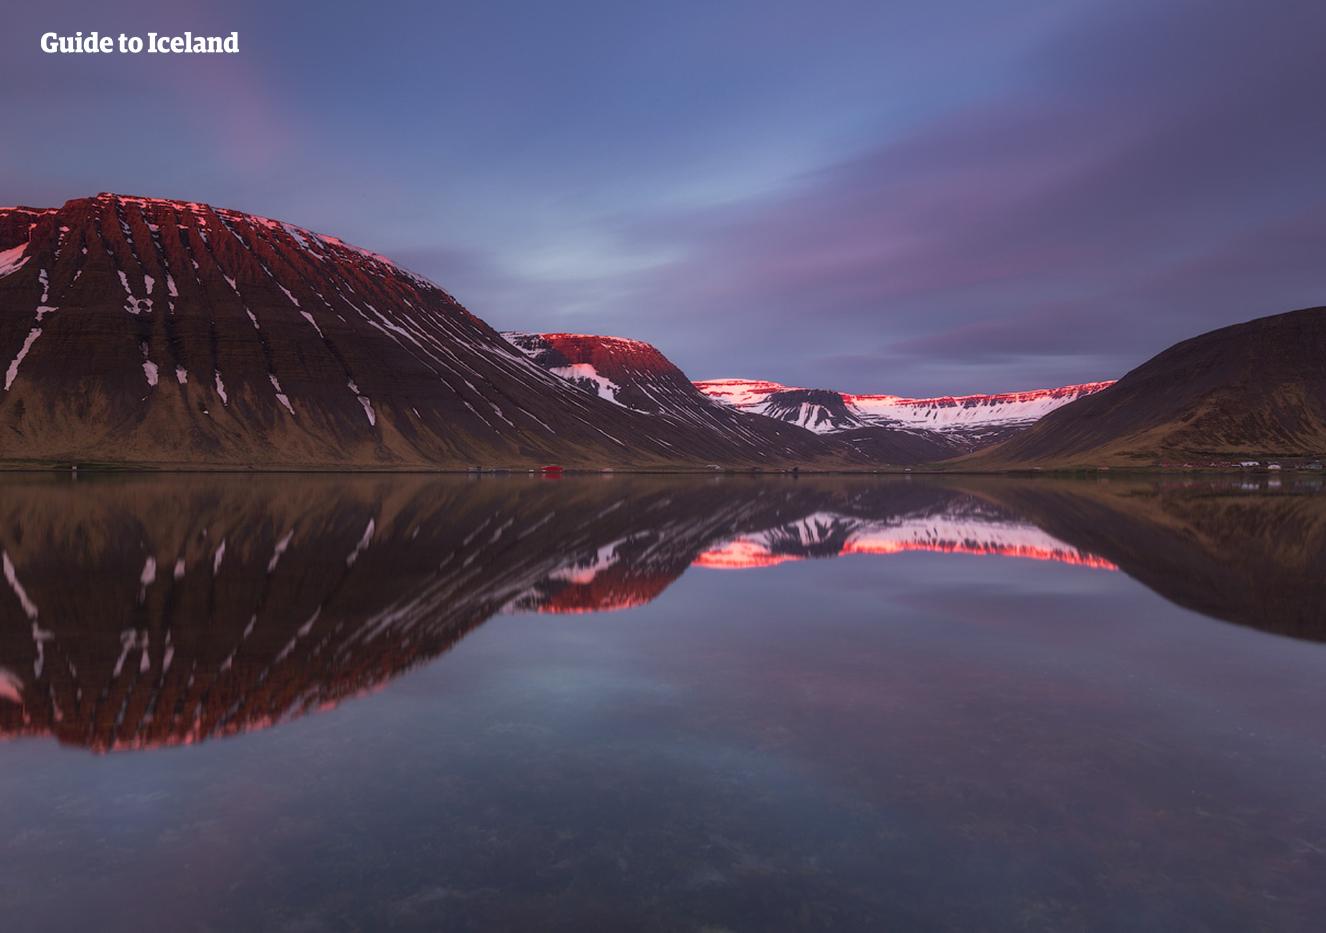 Isafjördur ist der Name einer Stadt und des angrenzenden Fjordes – beide findest du tief in den abgeschiedenen Westfjorden.